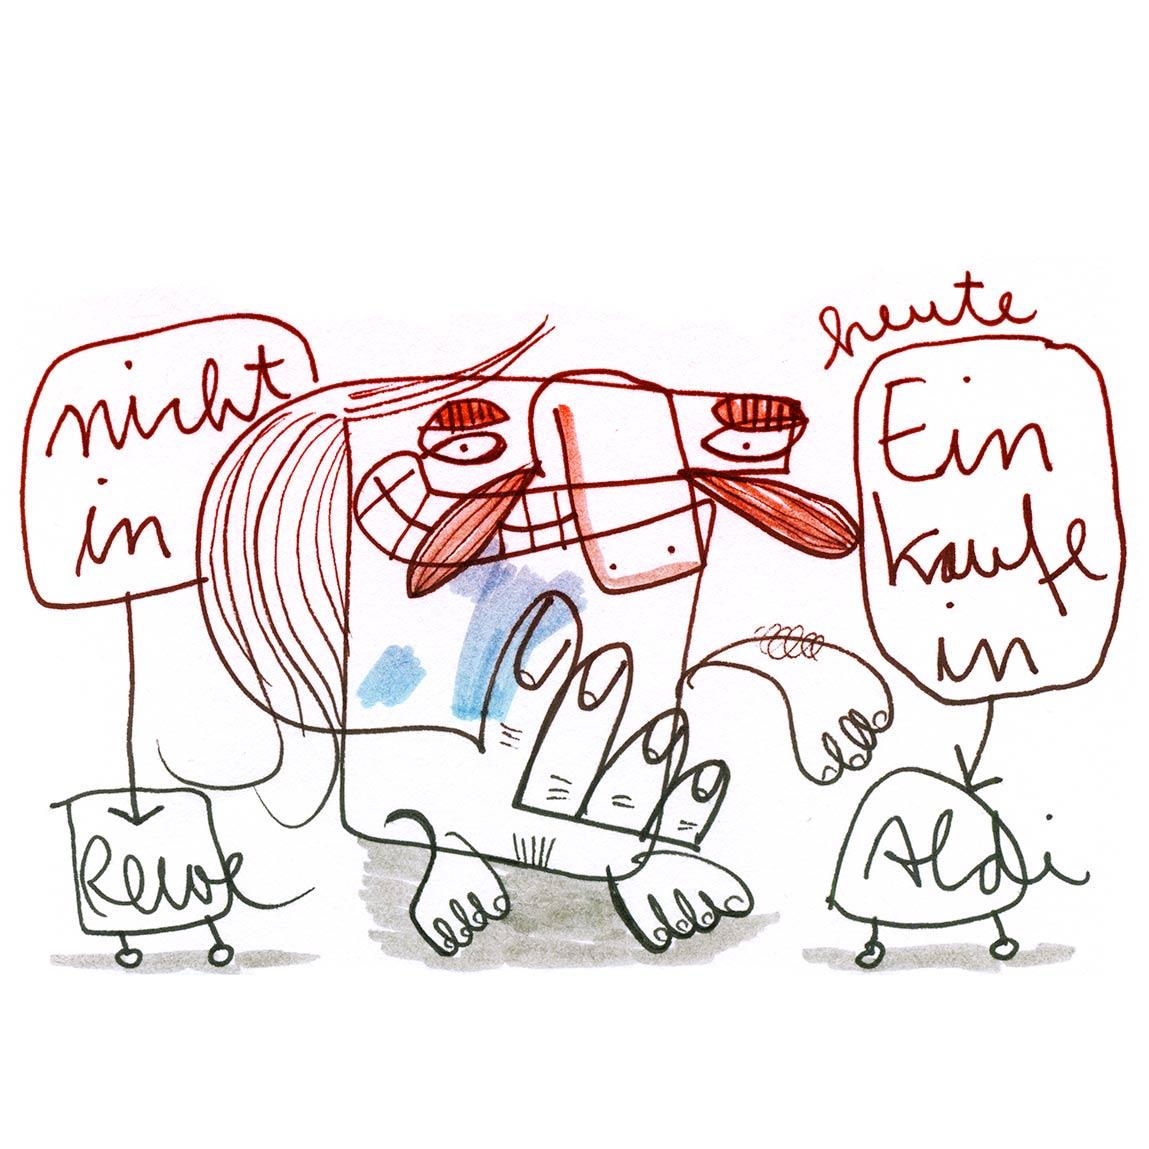 Skizze Einkaufstipp nicht Rewe sondern Aldi, Zeichnung mit Tusche von Frank Schulz Art, zeigt einen kleinen Comic Mann beim Einkauf